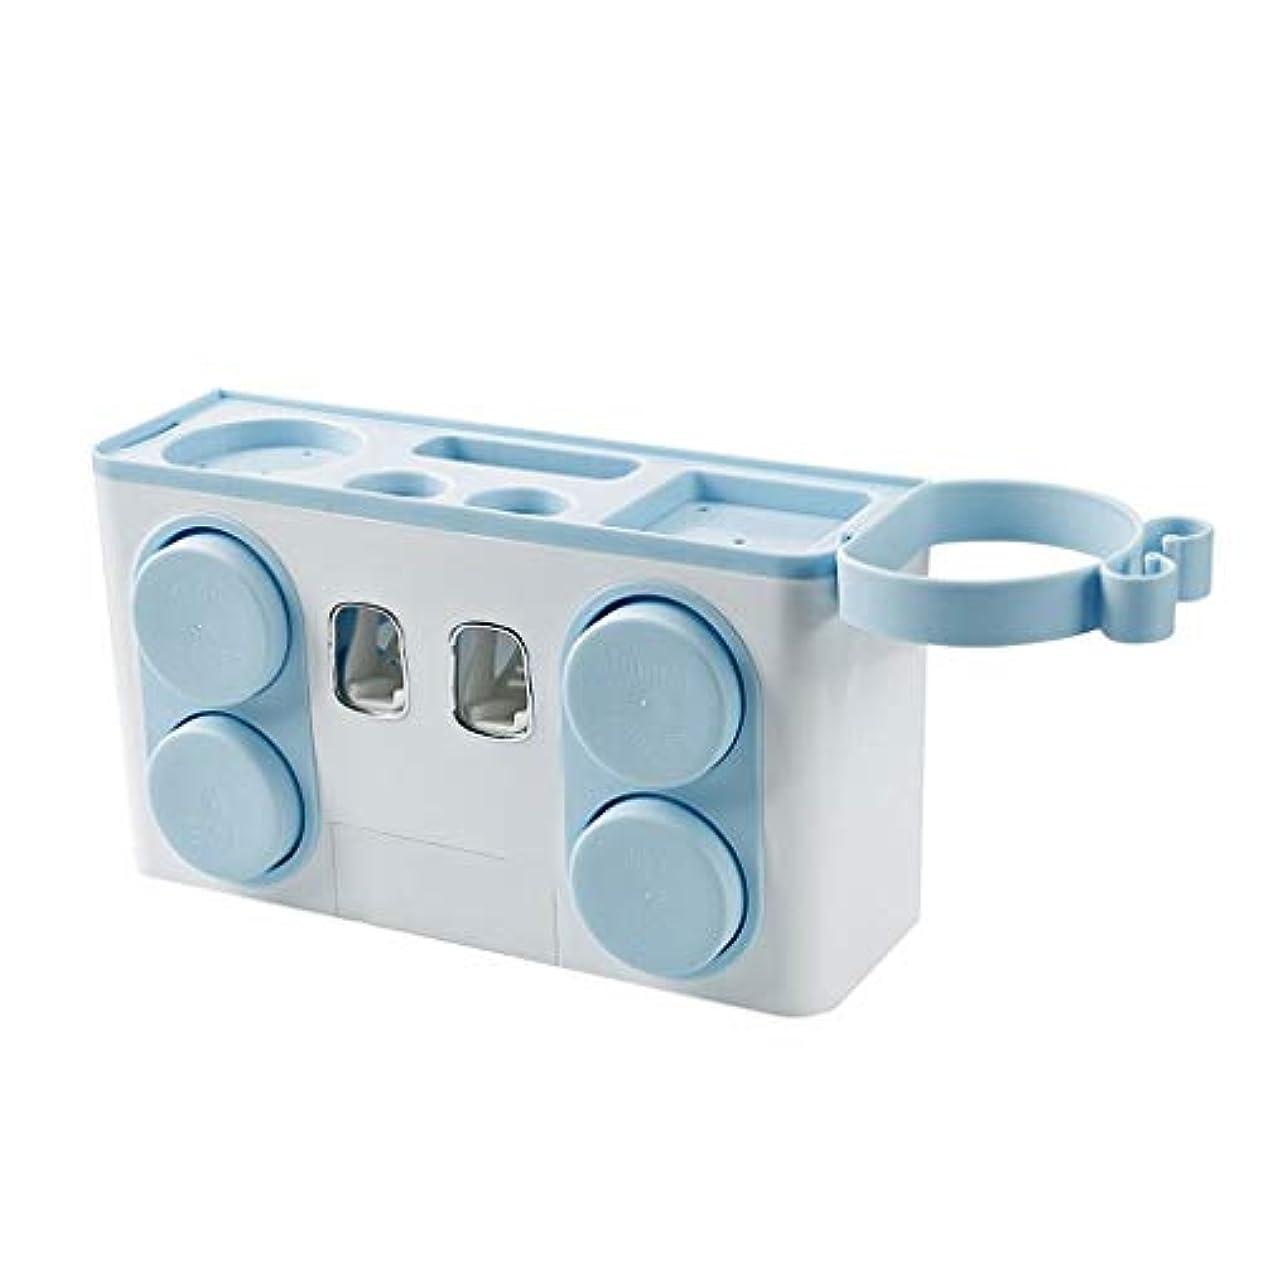 幸福コミュニティ十分に電動歯ブラシ置き 多機能歯ブラシホルダー無料パンチングカップセット自動歯磨き粉ディスペンサーヘアドライヤーウォールマウント 壁掛け式歯ブラシホルダー